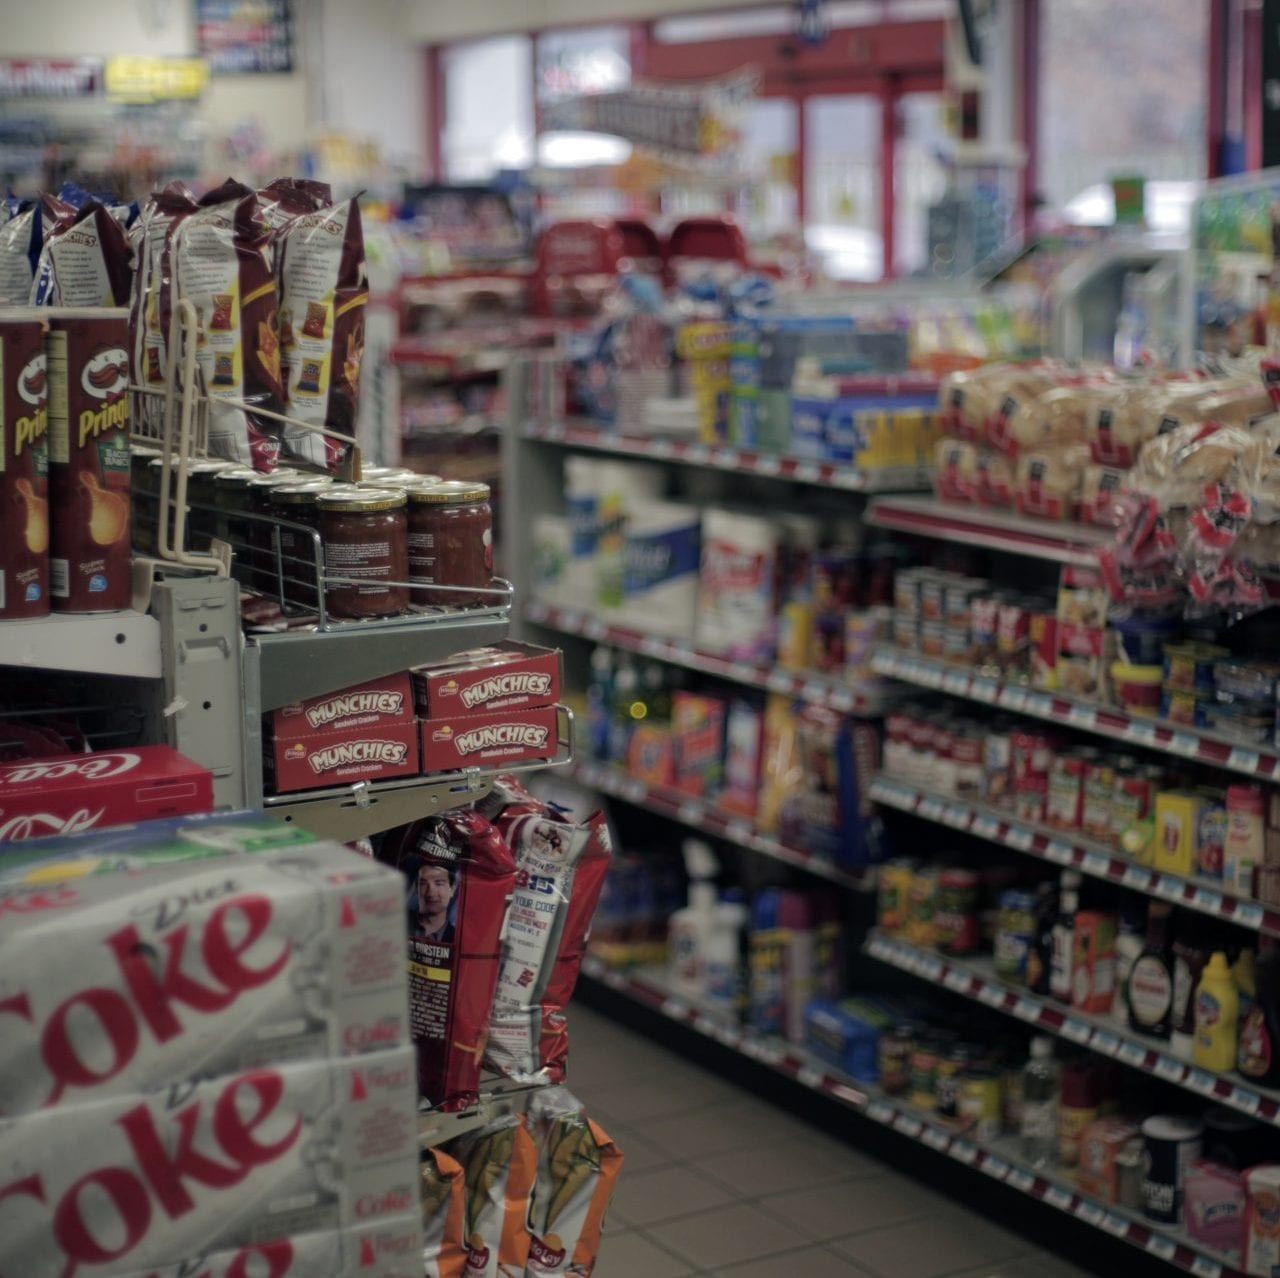 Convenience Store Audit